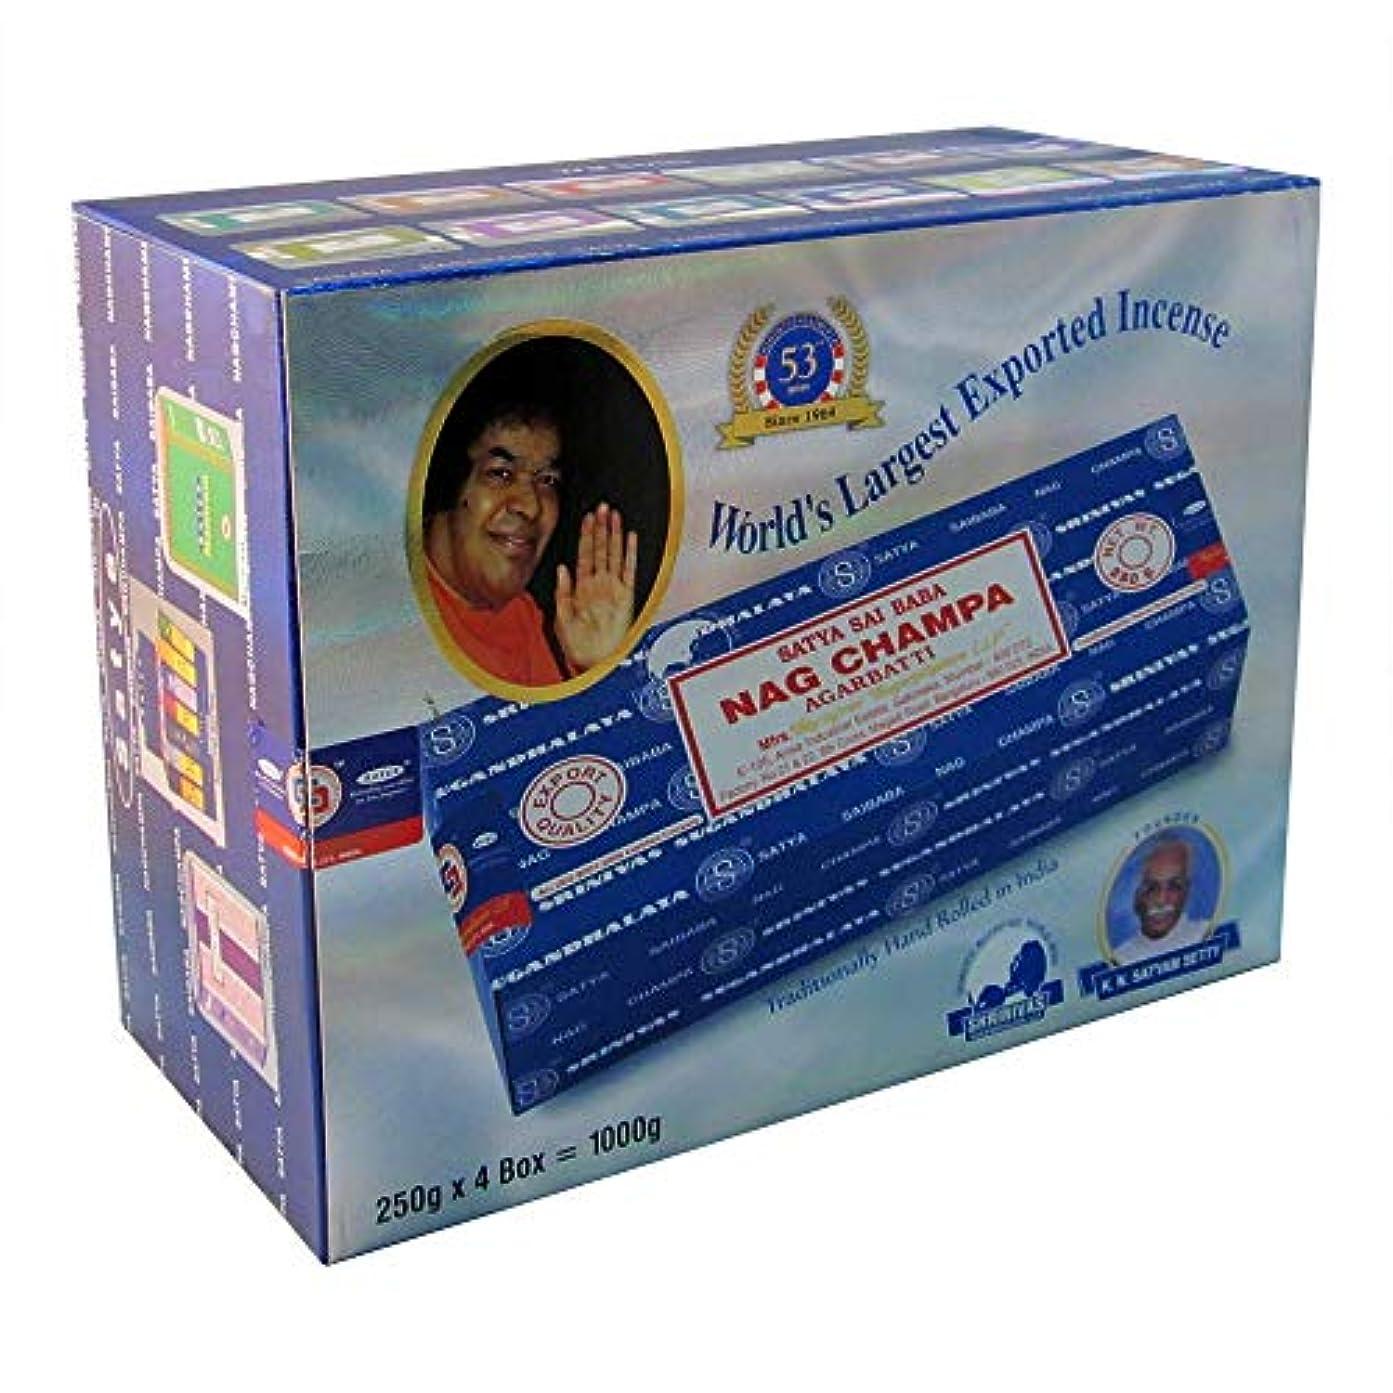 場所容赦ない女優Sai Baba Nag Champa Incense 1,000 Gram (1,000g - 4 packs) 141[並行輸入]